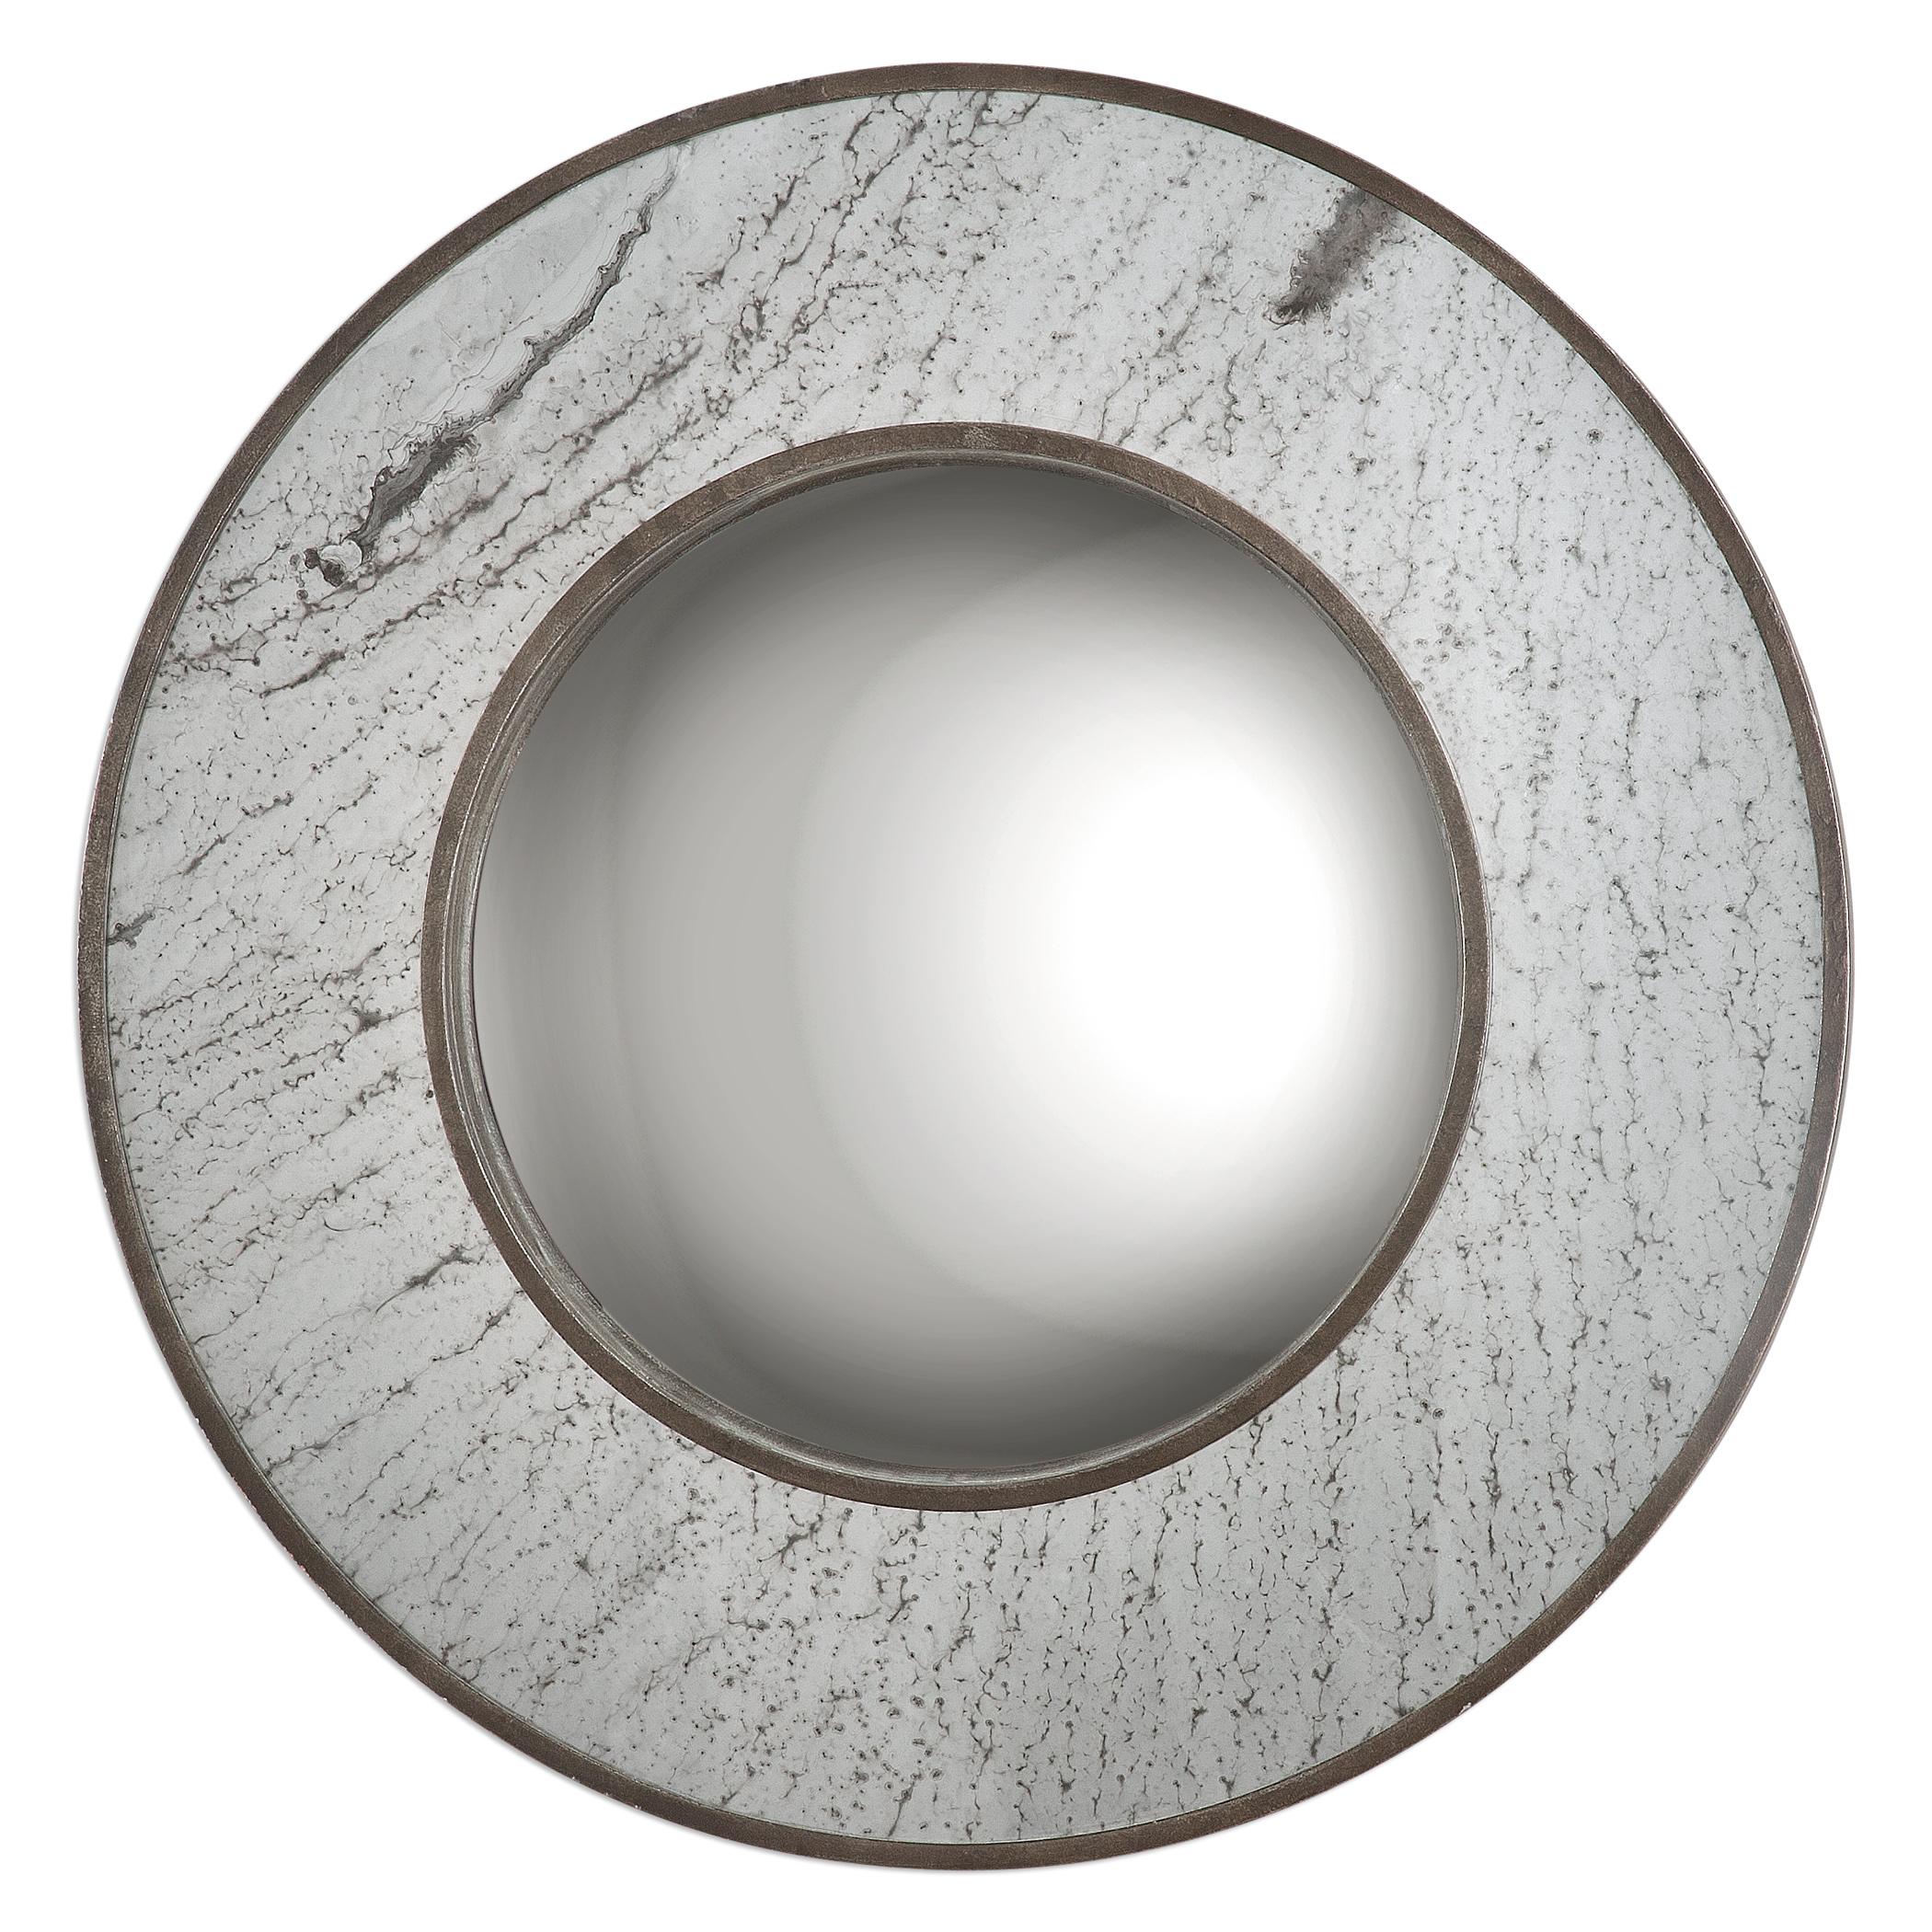 Uttermost Mirrors Lannion Round Mirror - Item Number: 09098